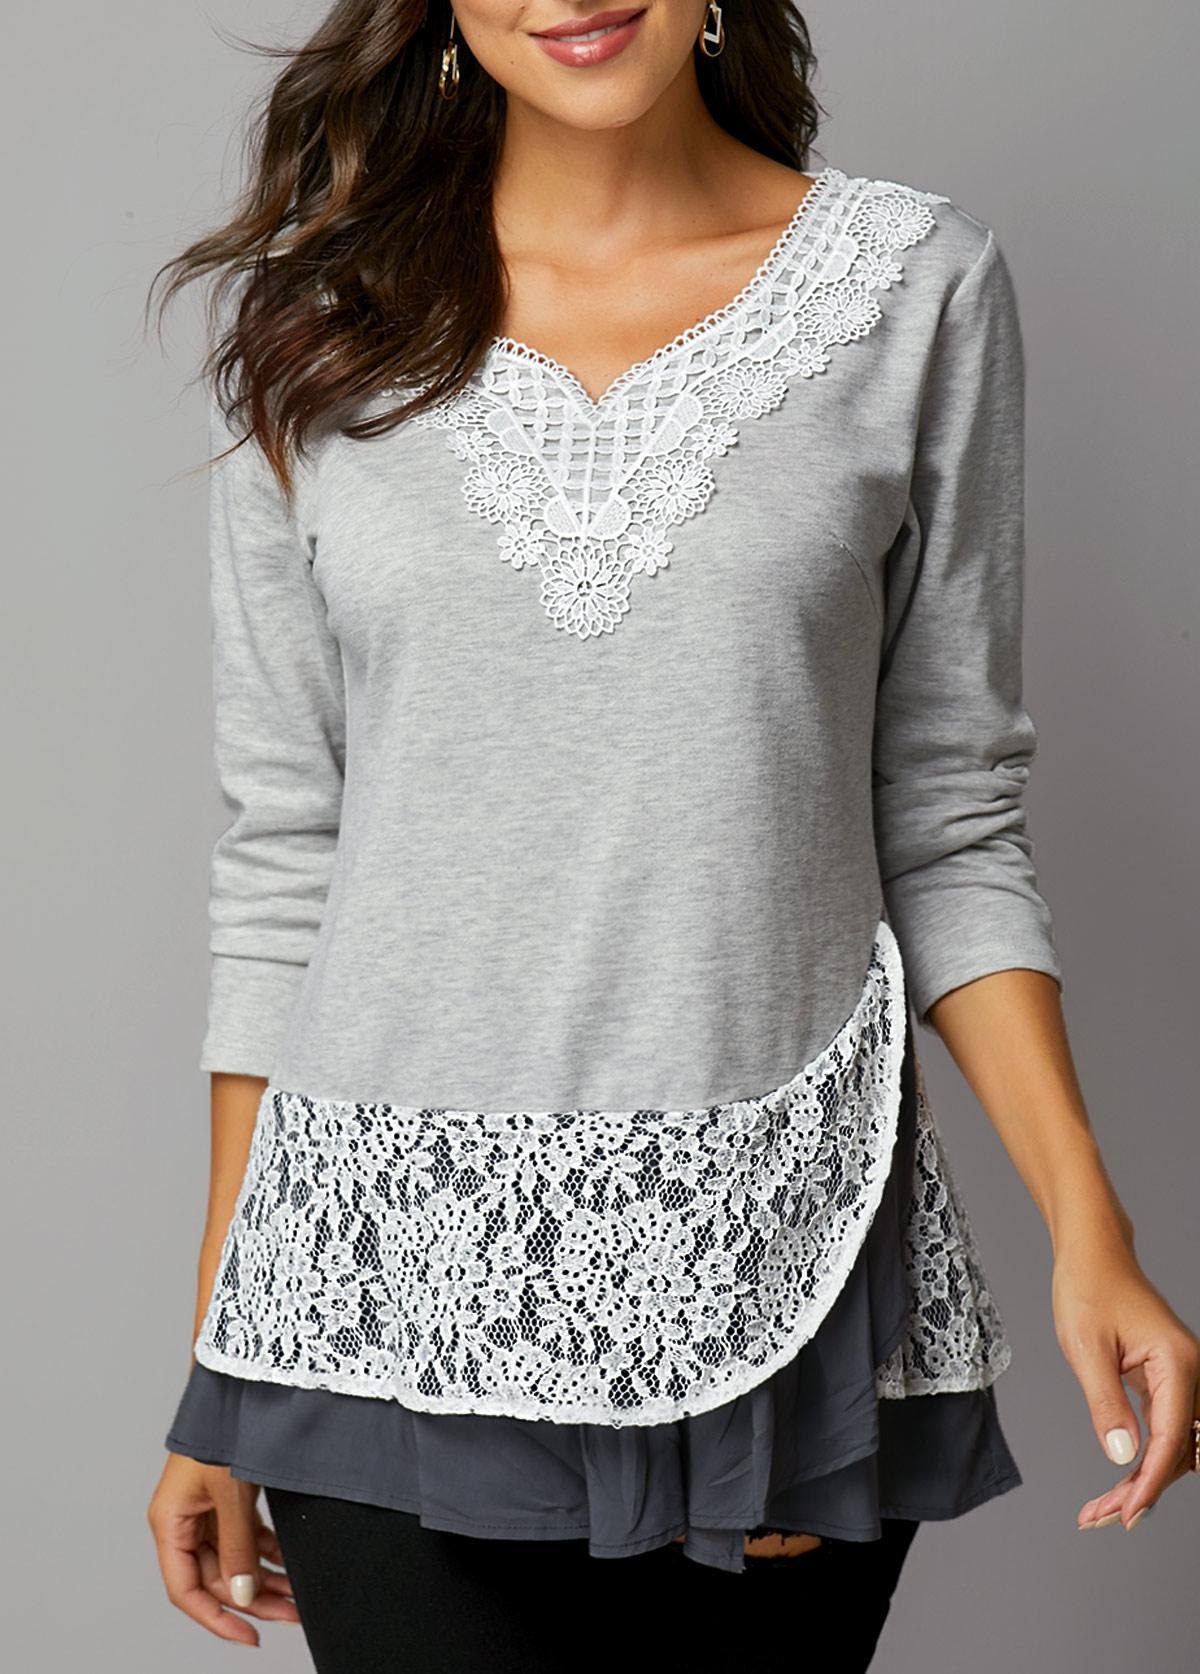 Lace Panel Layered Hem Light Grey T Shirt